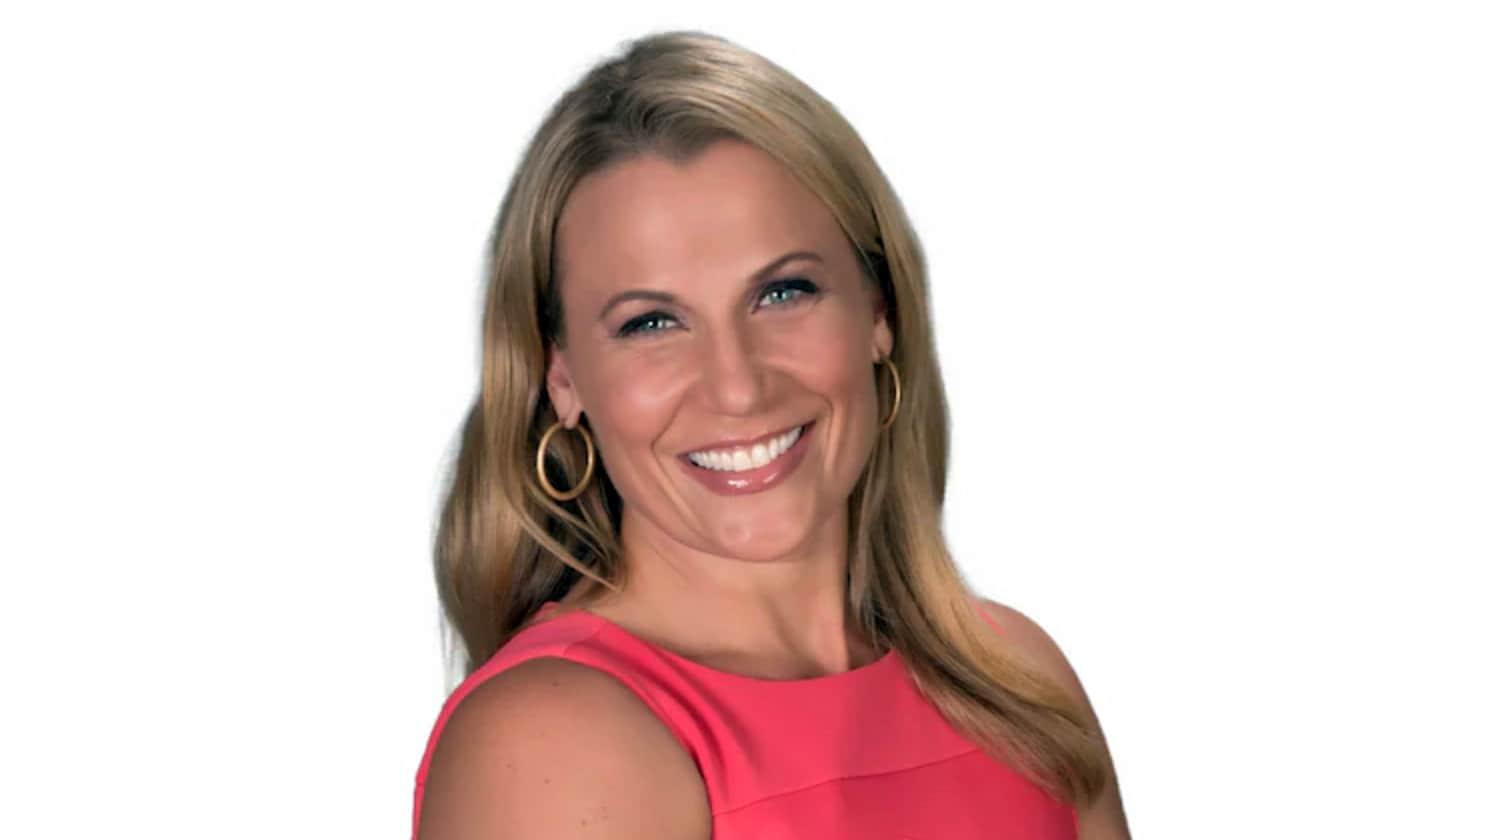 Bucks make Lisa Byington 1st female full-time TV play-by-play announcer